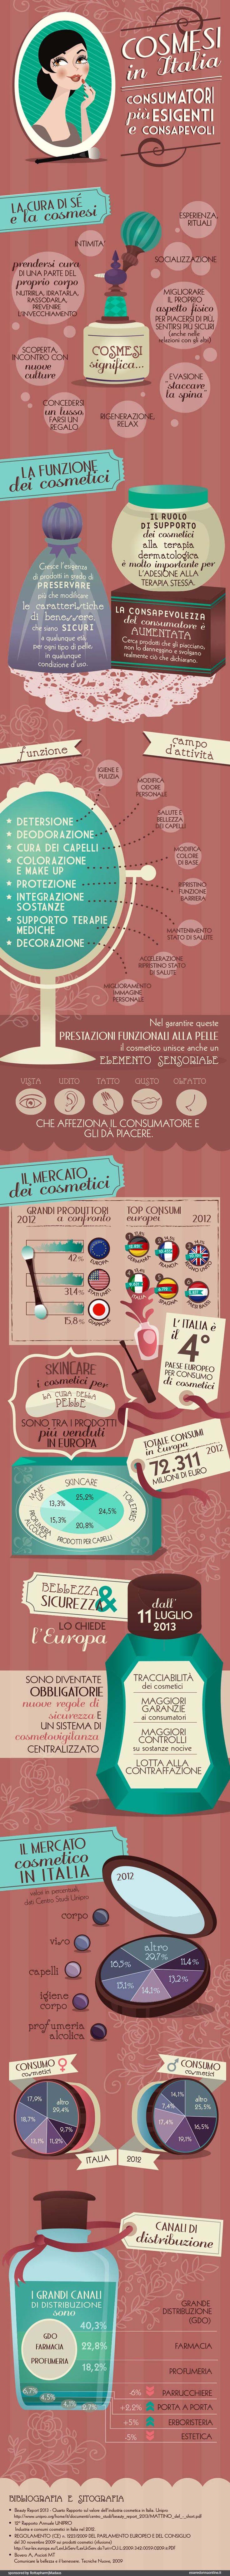 La cosmesi in italia: consumatori più esigenti e consapevoli - infographics designed for esseredonnaonline.it- illustrated by Alice Kle Borghi, kleland.com